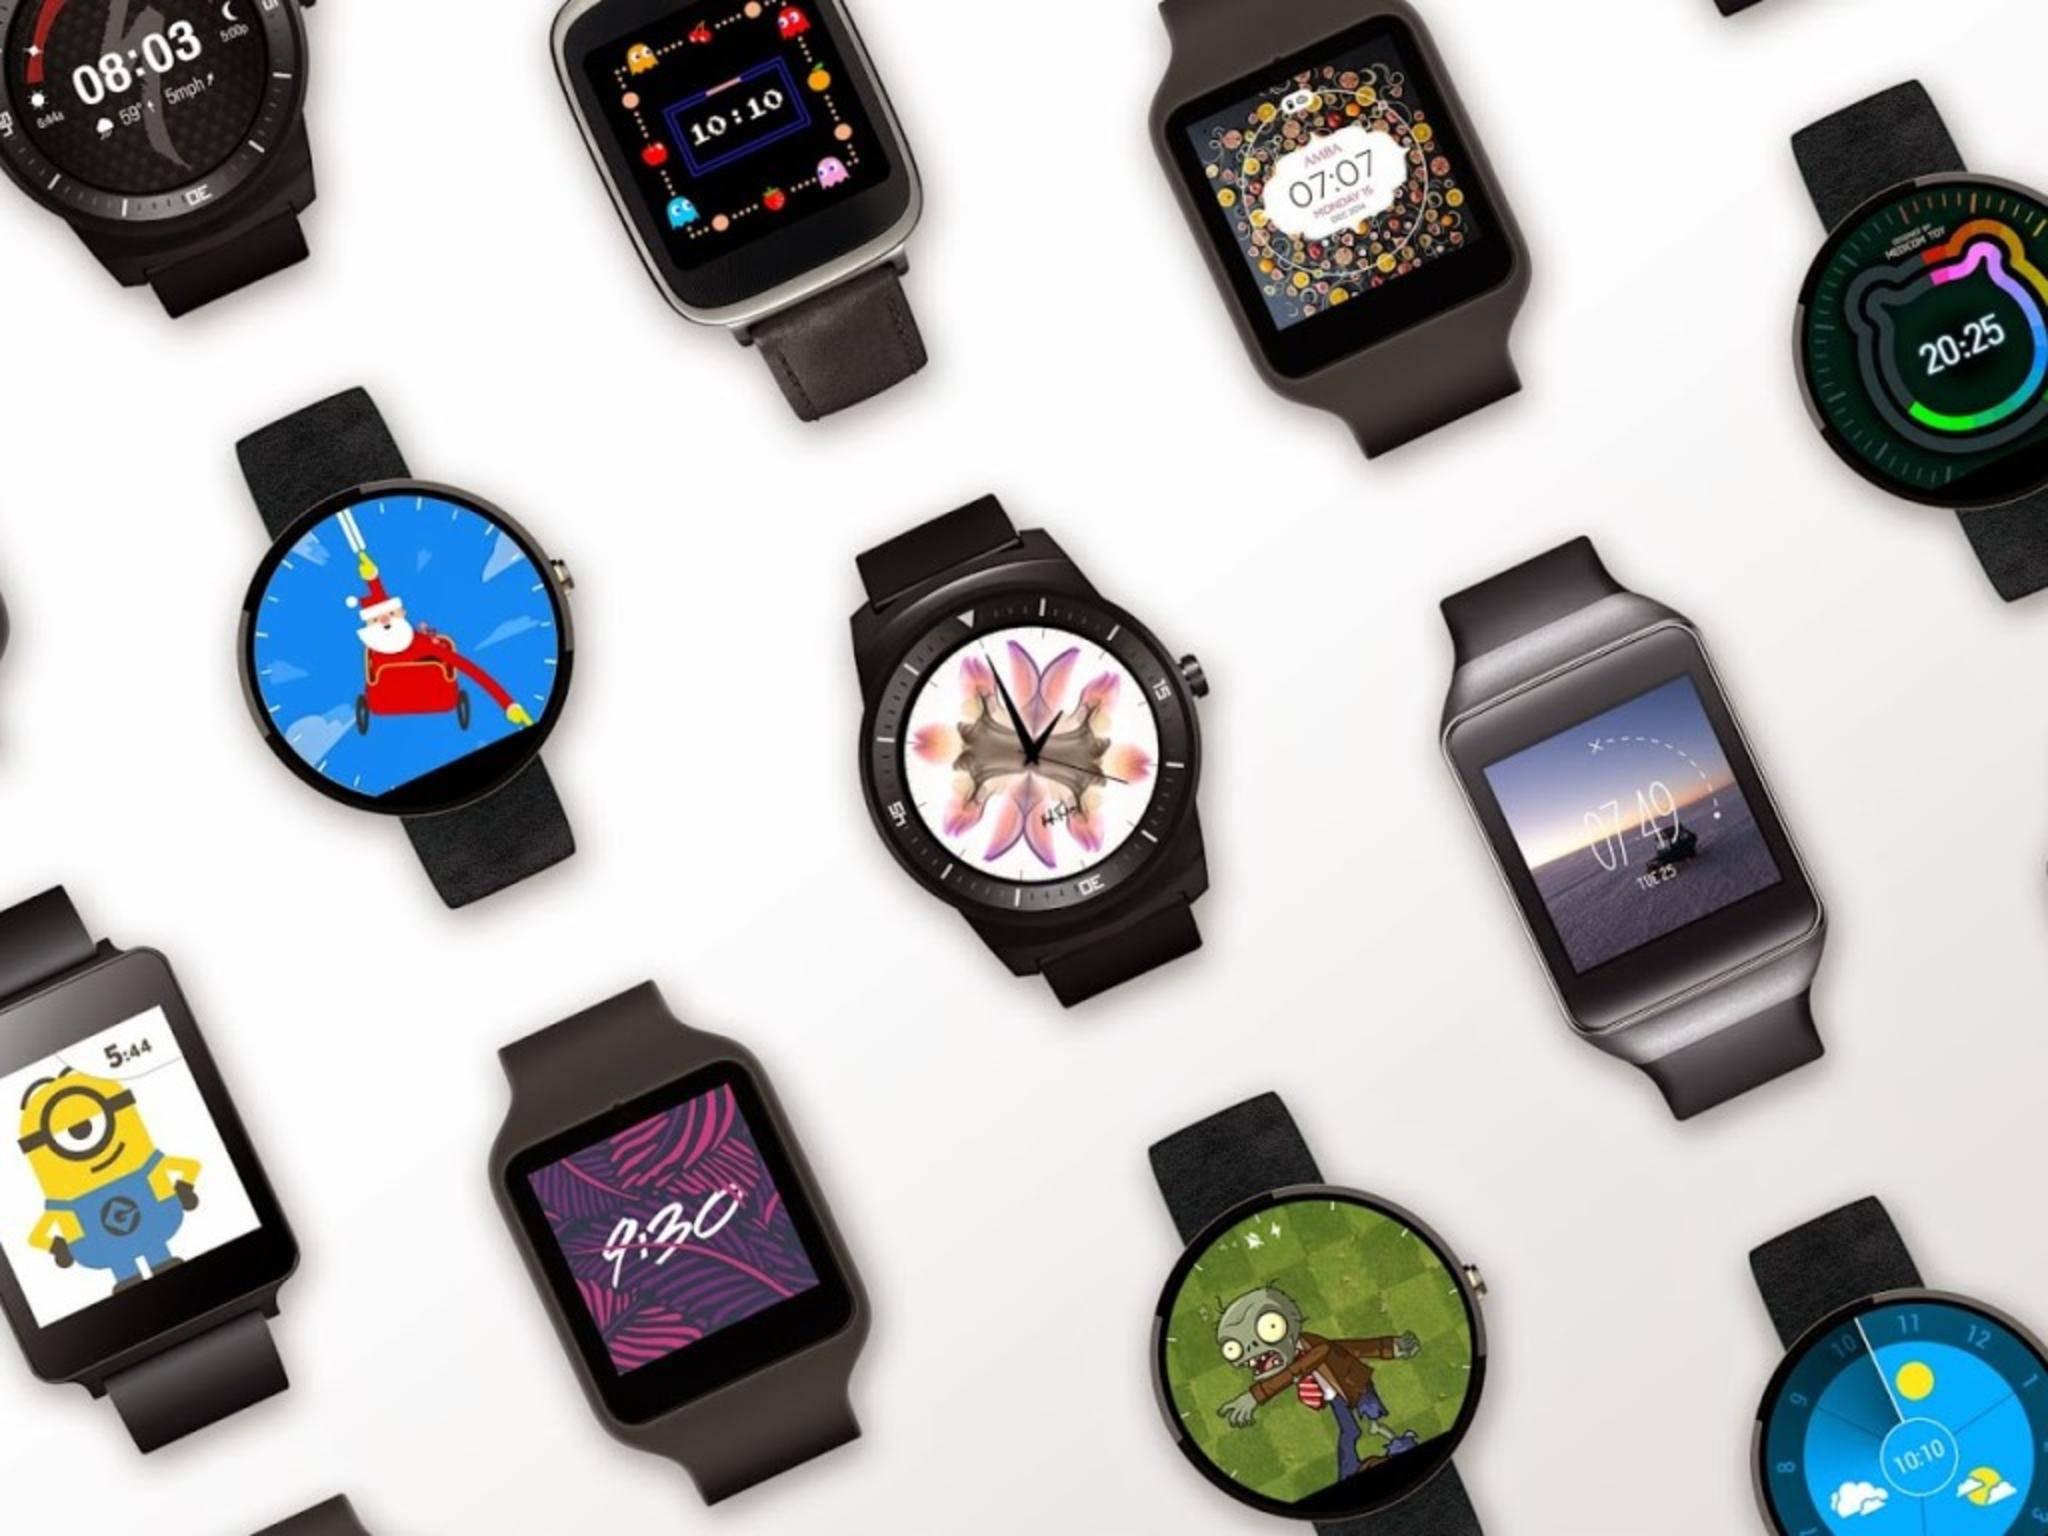 Die neueste Version von Android Wear bringt zahlreiche Neuerungen.